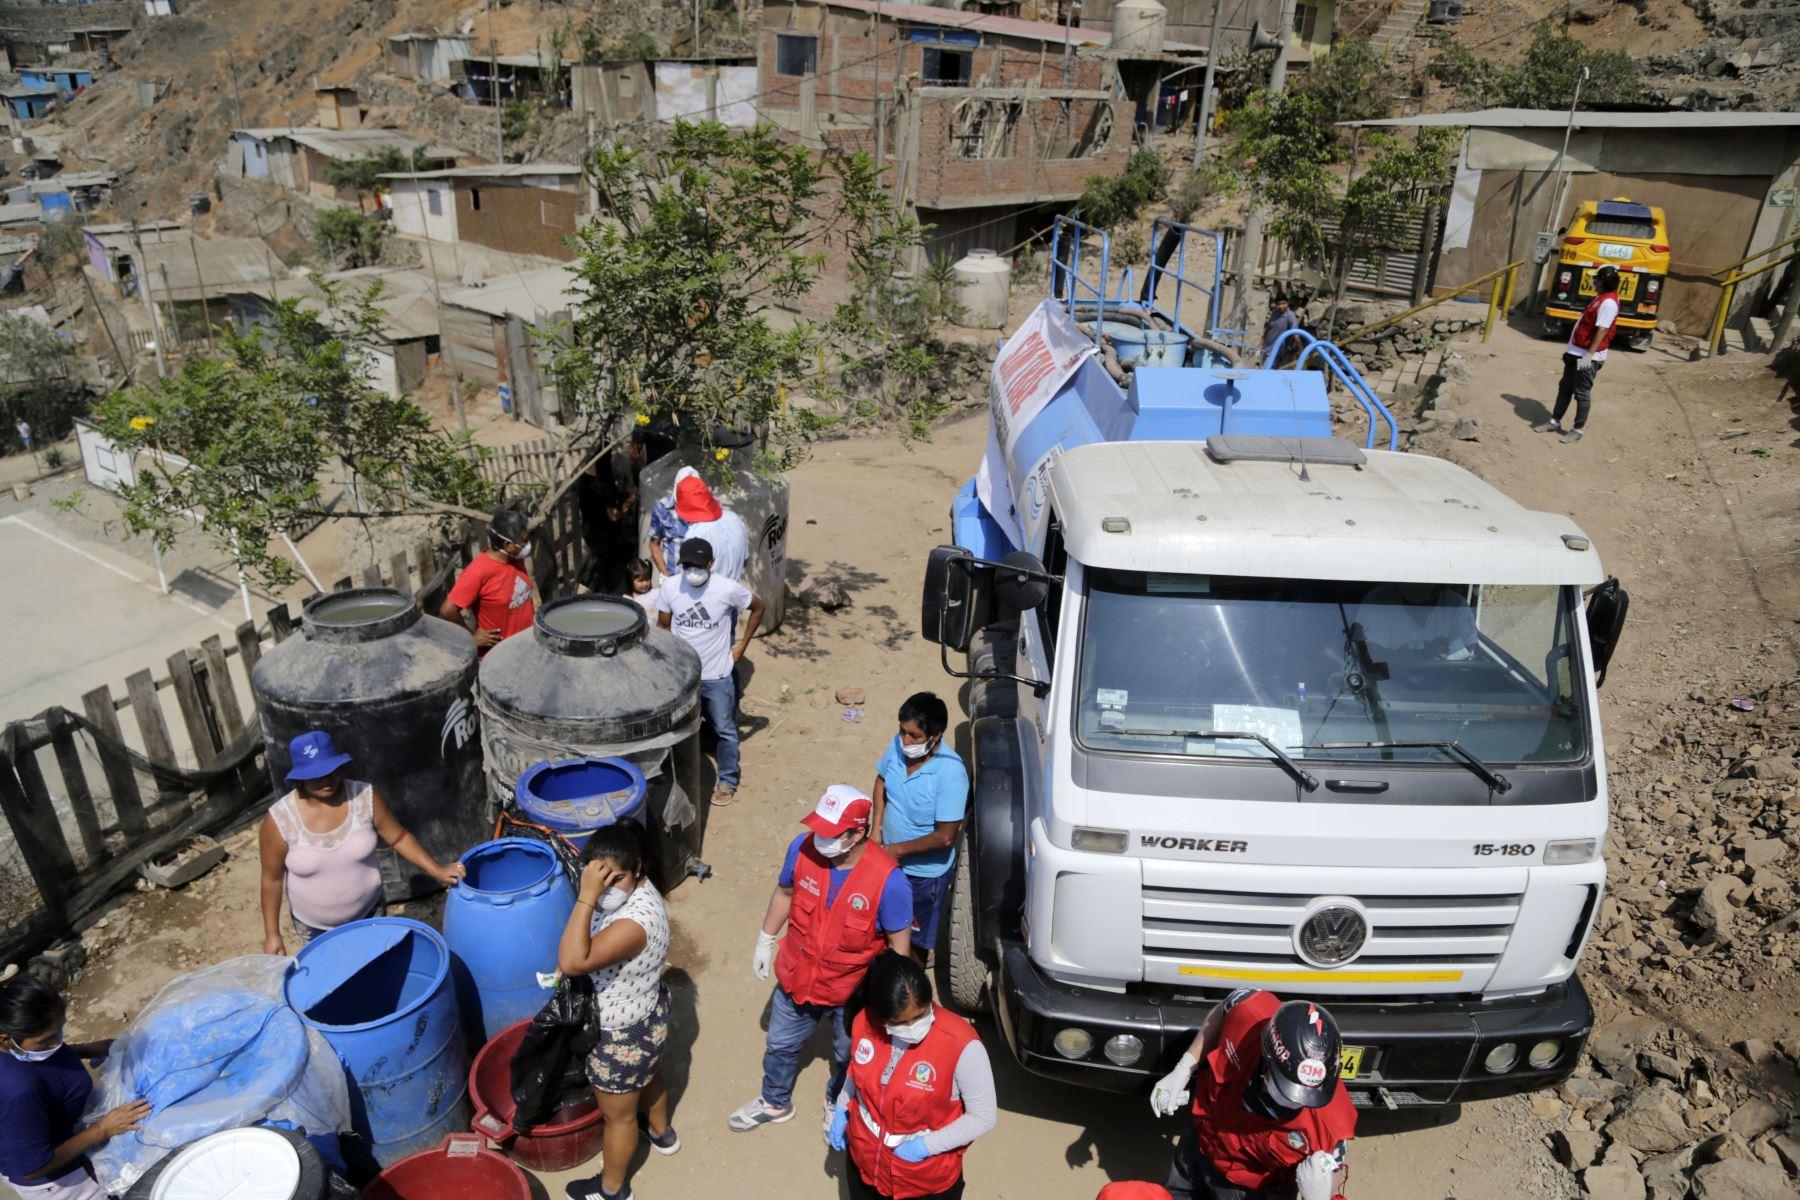 El Ministro de Vivienda , Construcción y Saneamiento , Rodolfo Yañez supervisa la entrega gratuita de agua a los asentamientos humanos de Nueva Rinconada en San Juan de Miraflores y Manchay en Pachacamac en la ciudad de Lima. Foto: ANDINA/Difusión